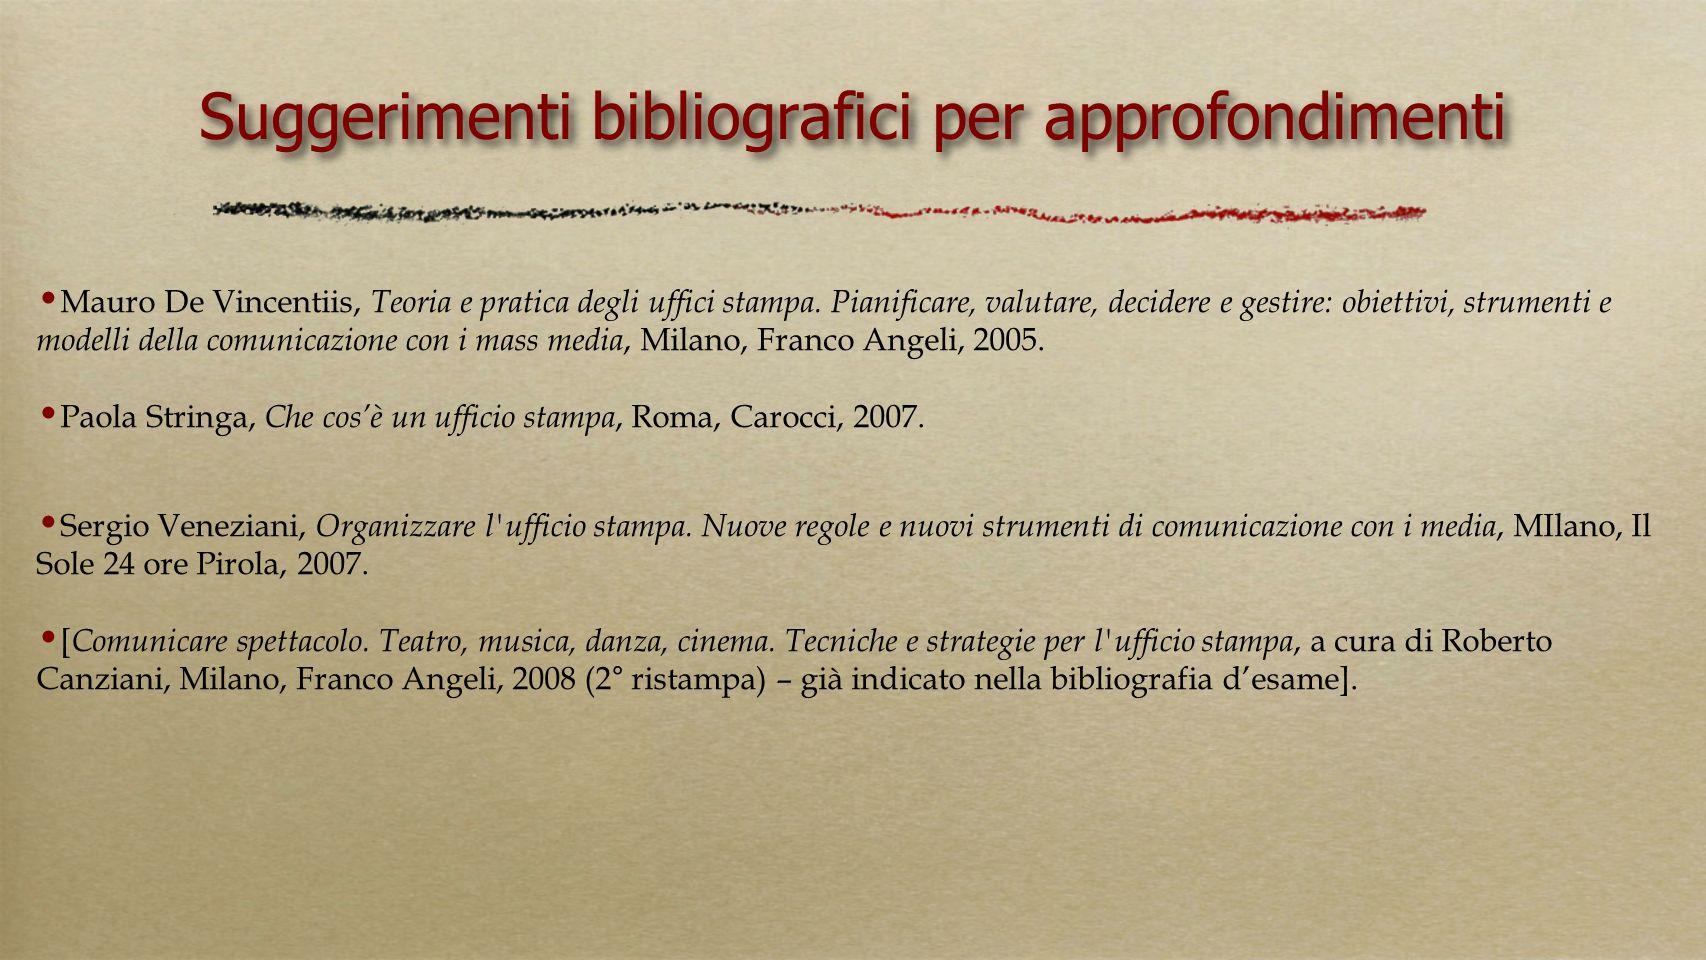 Suggerimenti bibliografici per approfondimenti